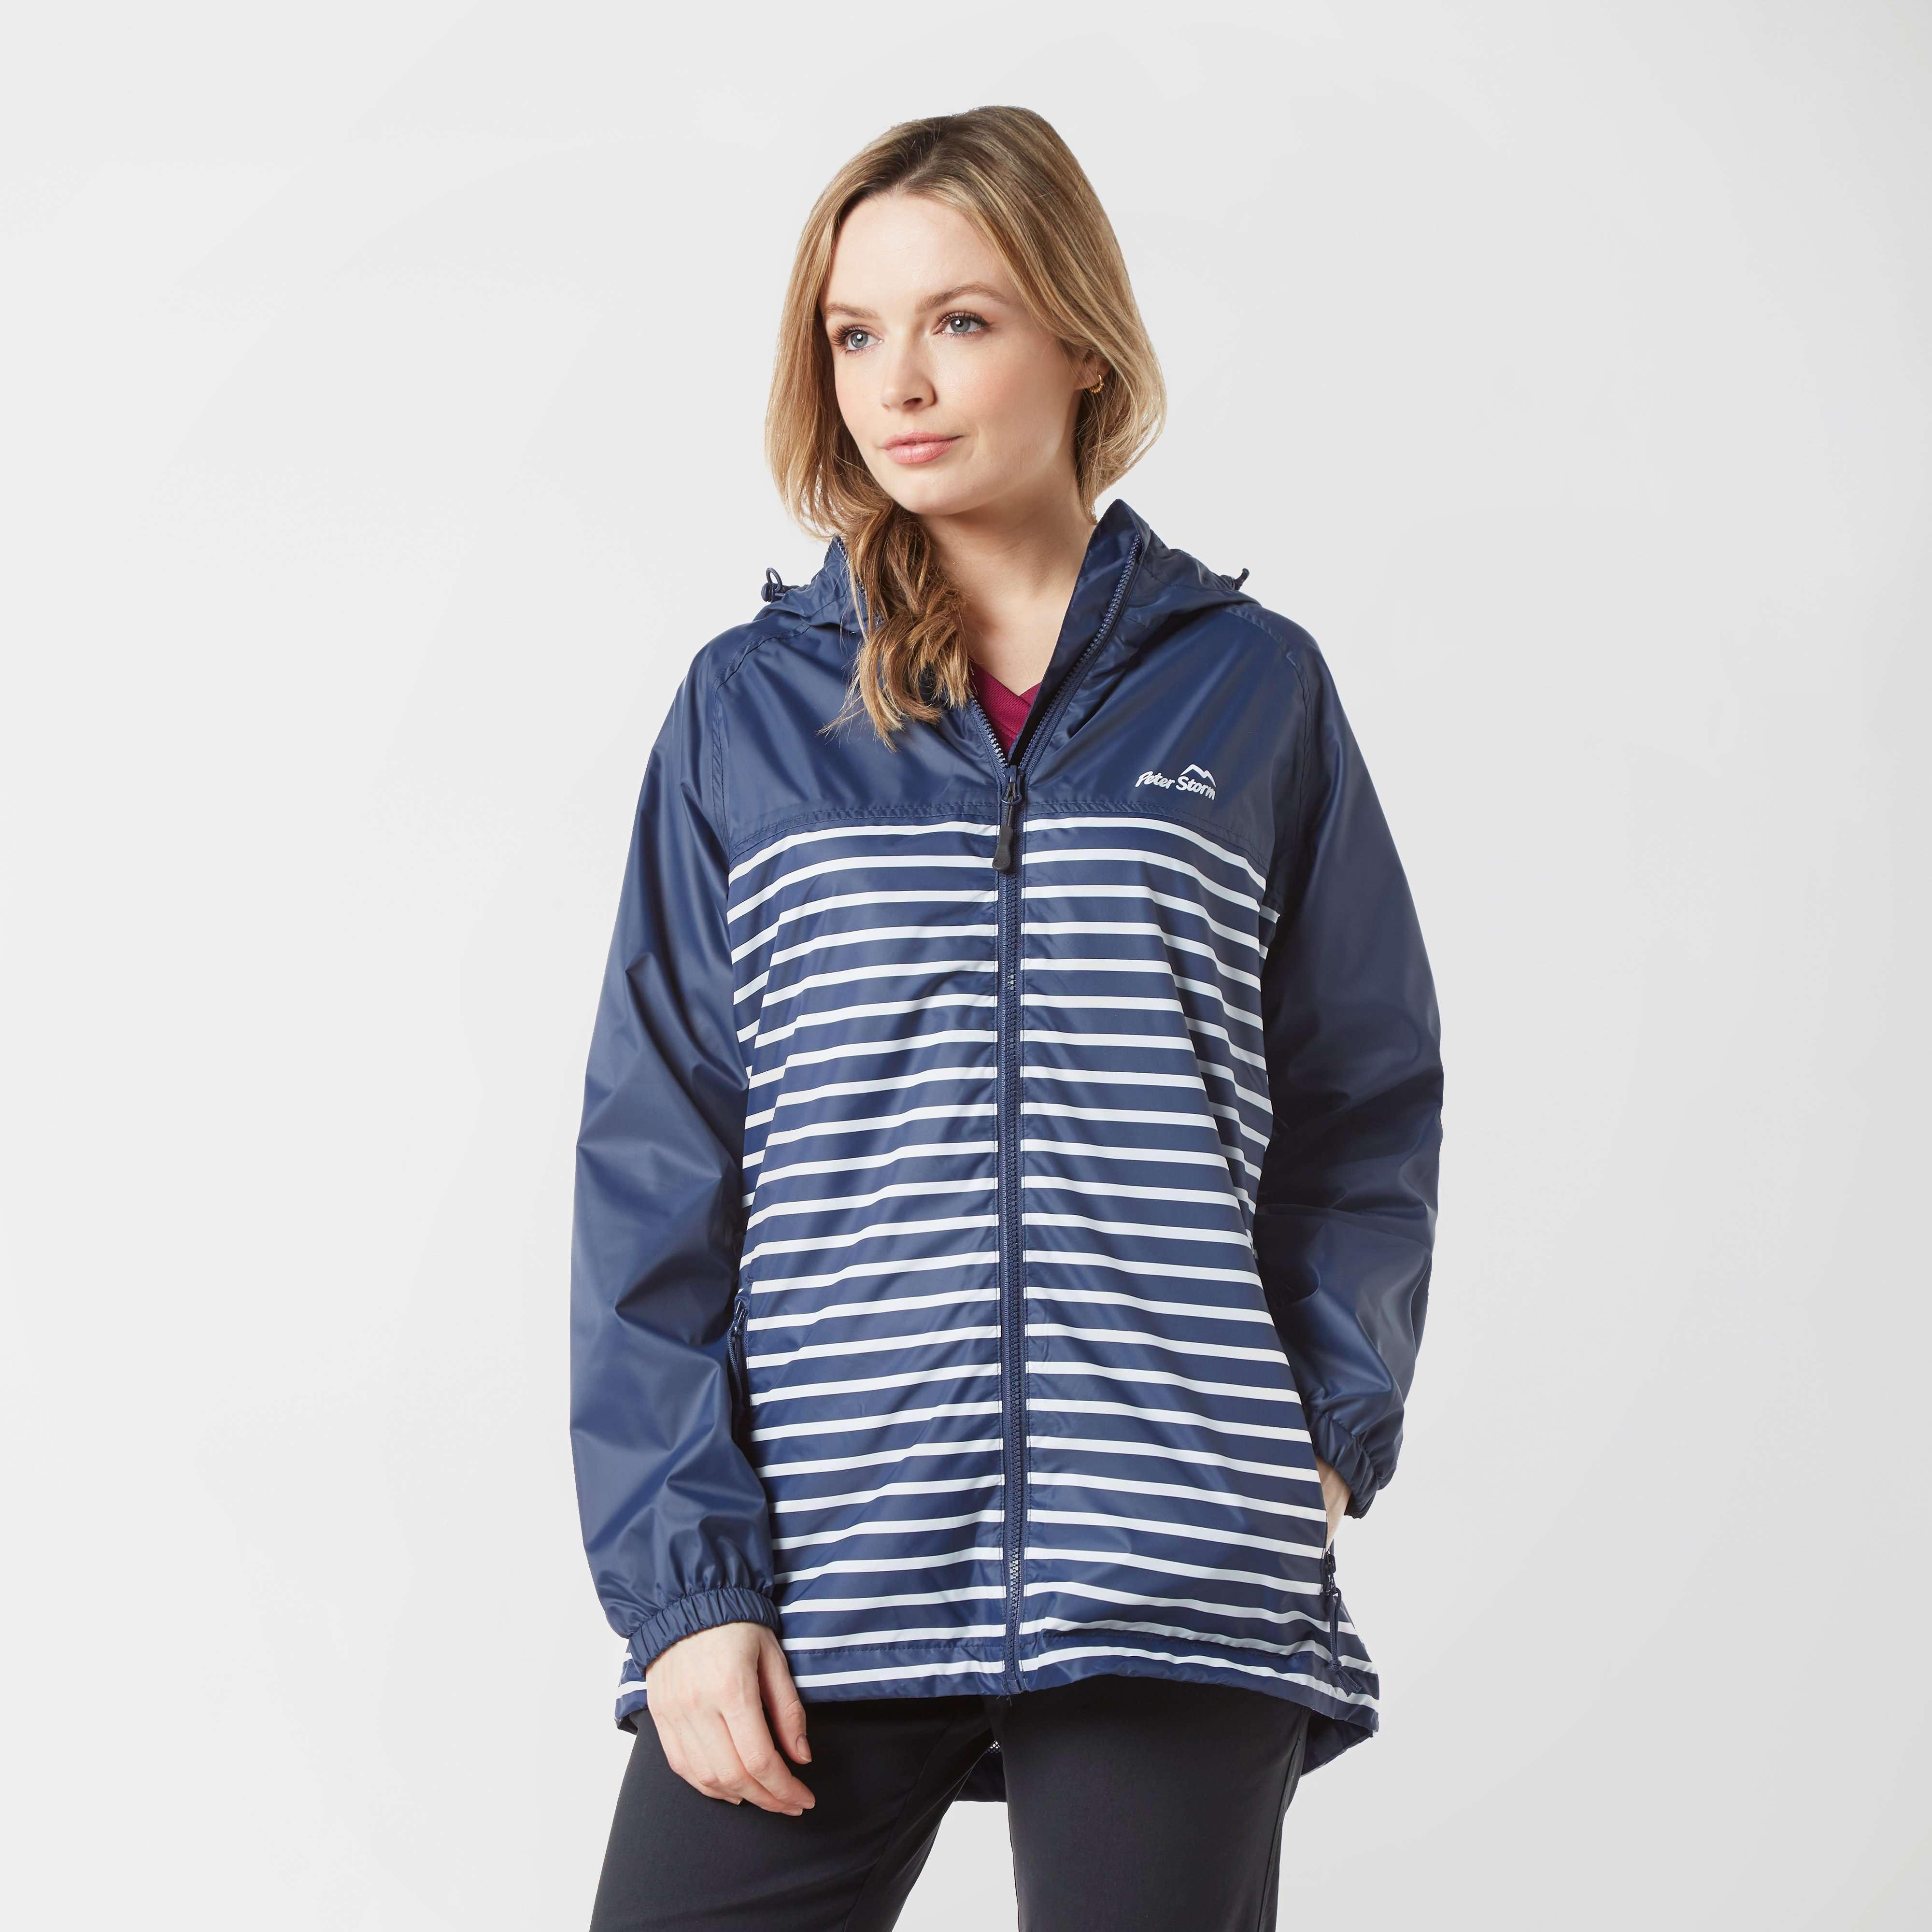 PETER STORM Women's Packable Jacket